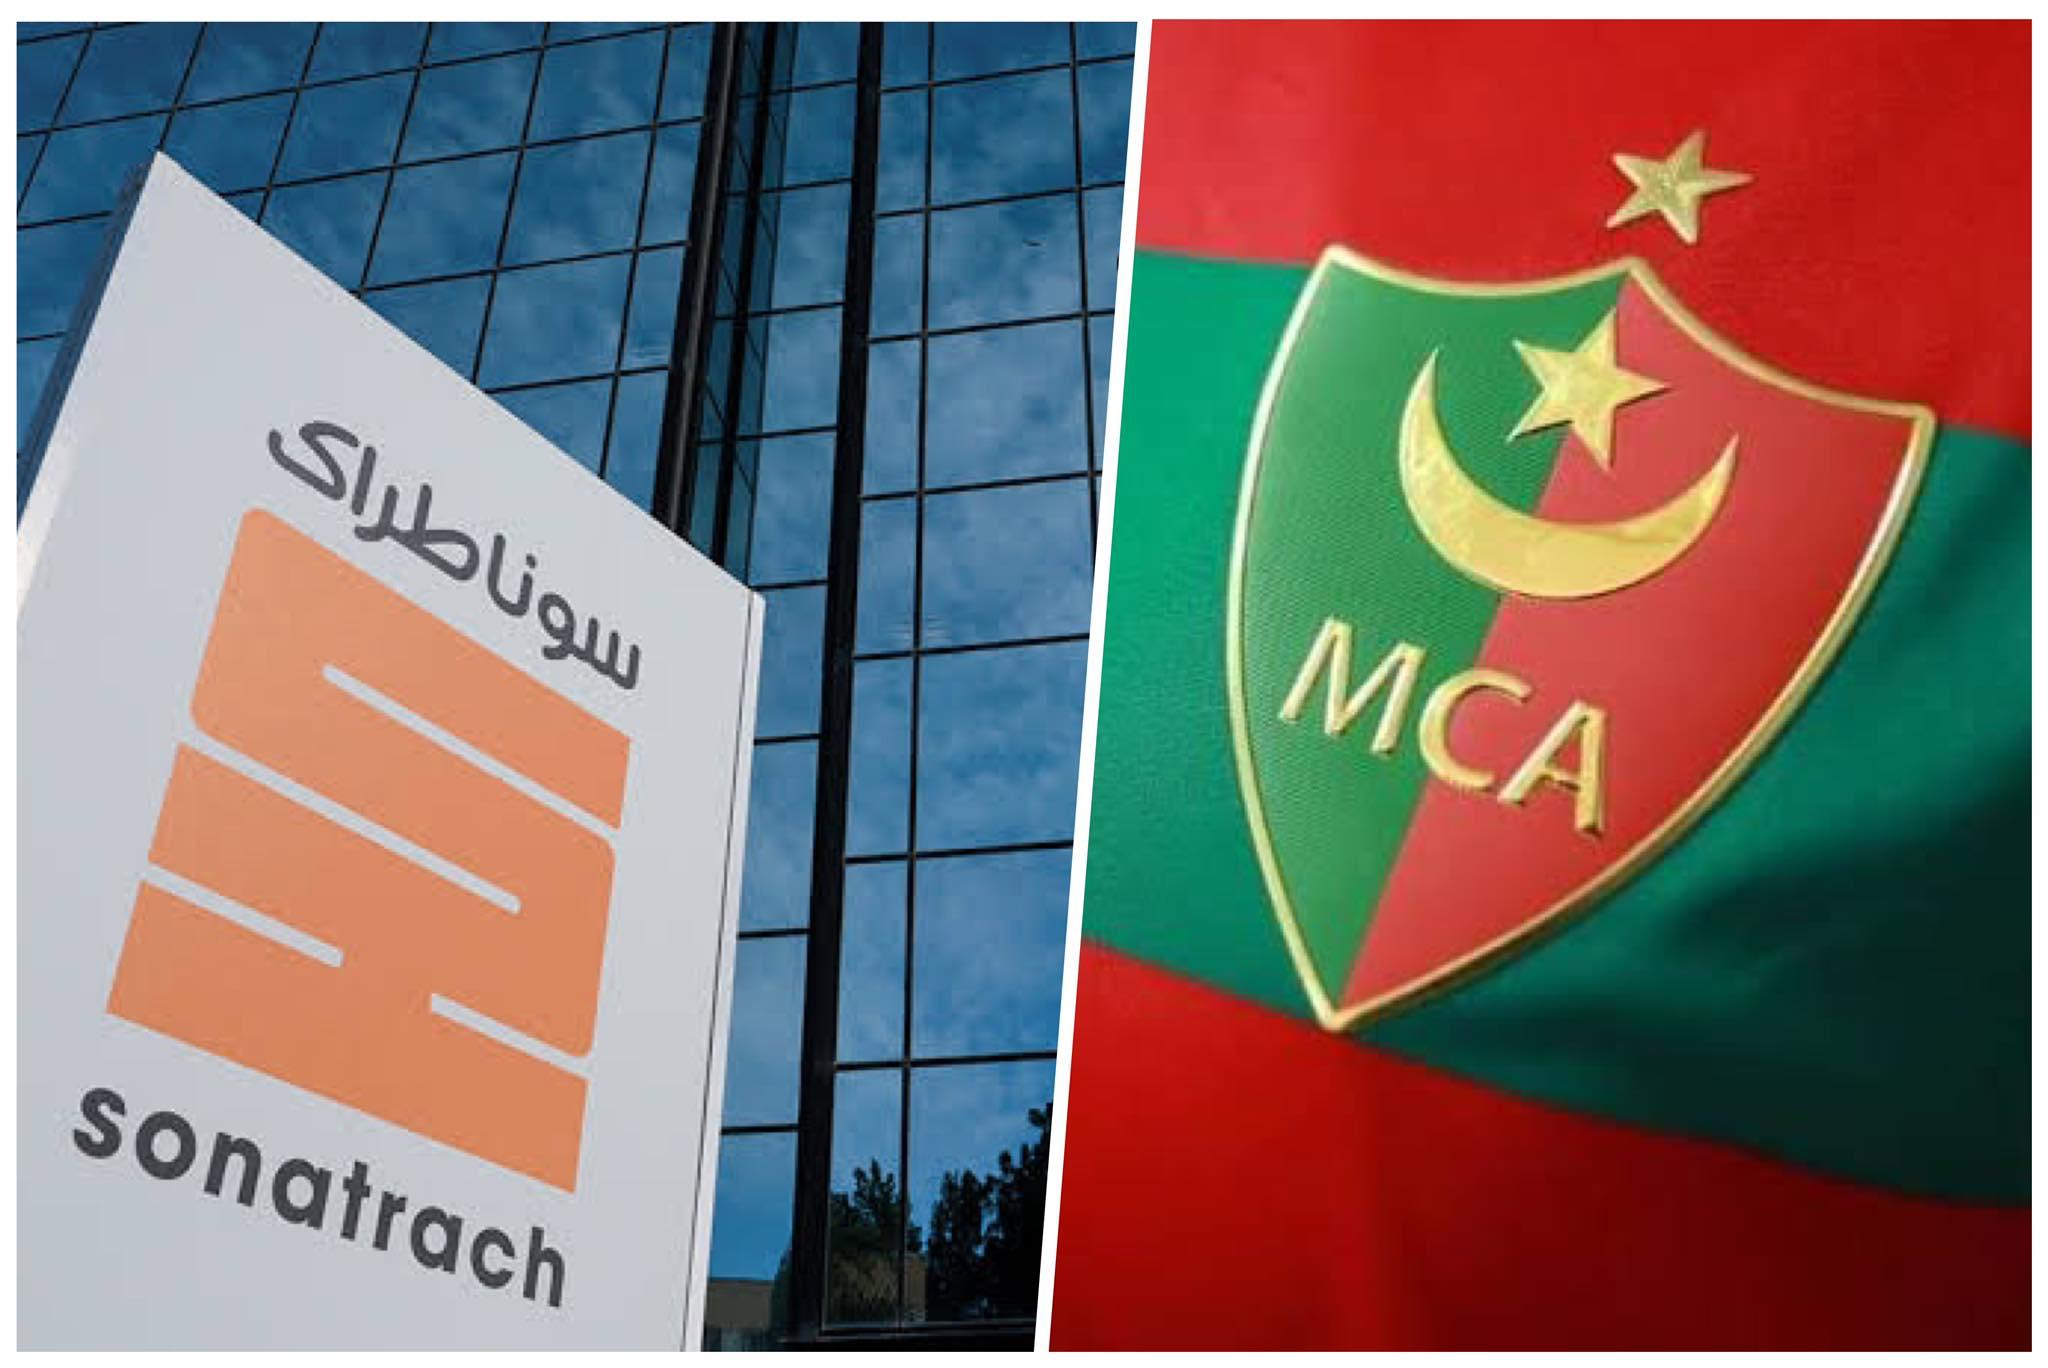 Après le Maroc, Sonatrach va couper le gaz au MCA